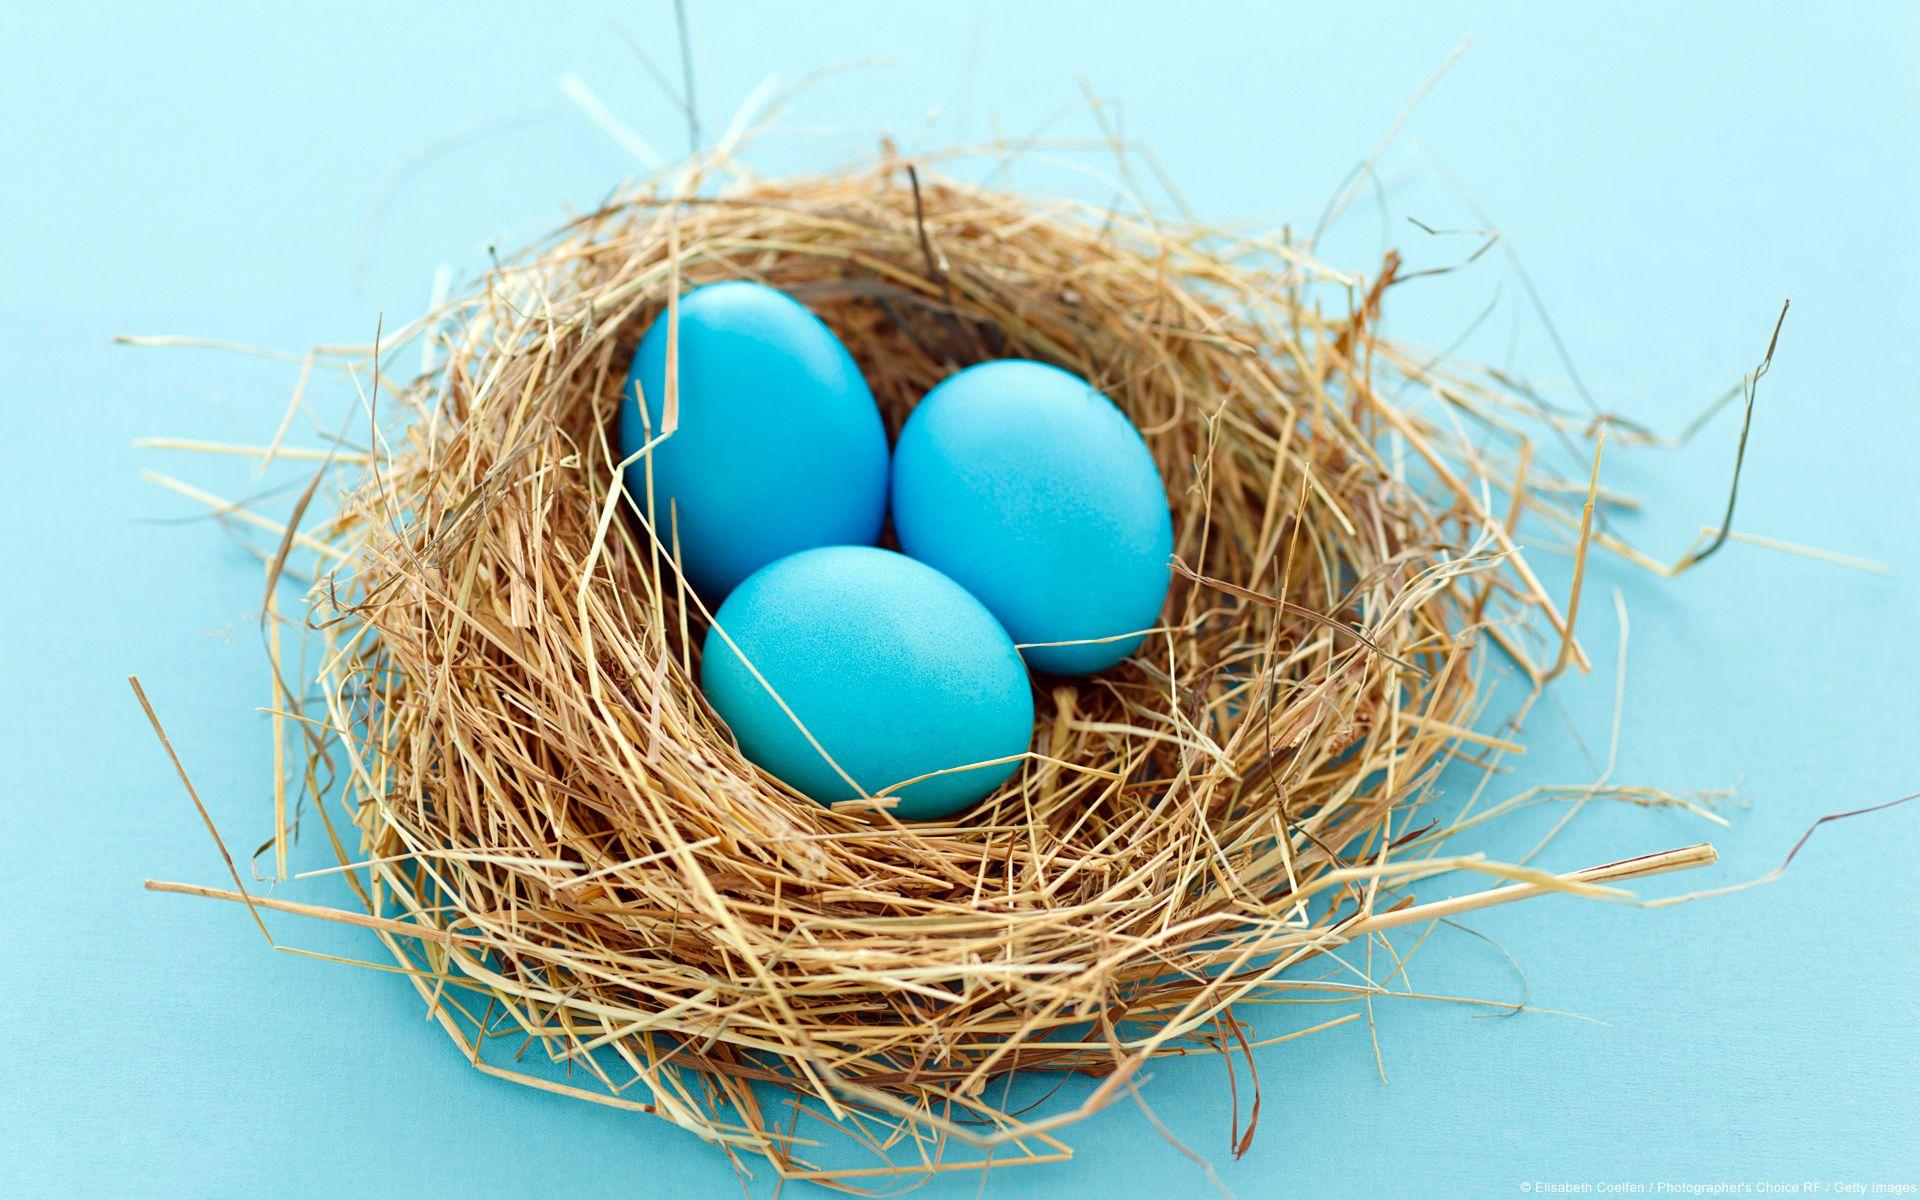 18990 En 1 1920 1200 Blue Eggs Egg Nest Iphone 5s